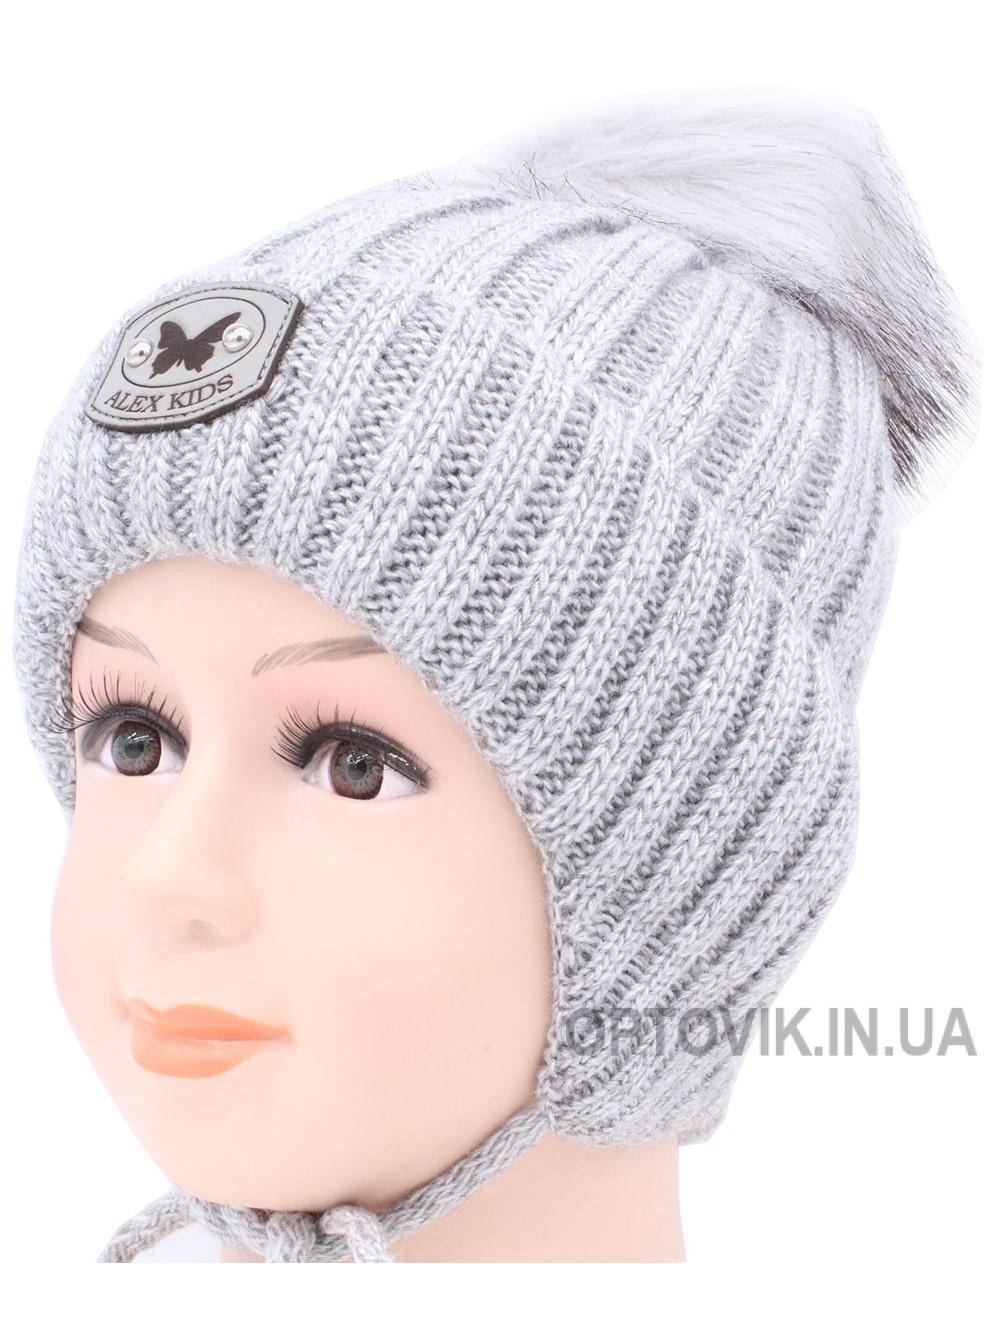 Детская вязаная шапка Глория D55632-46-50